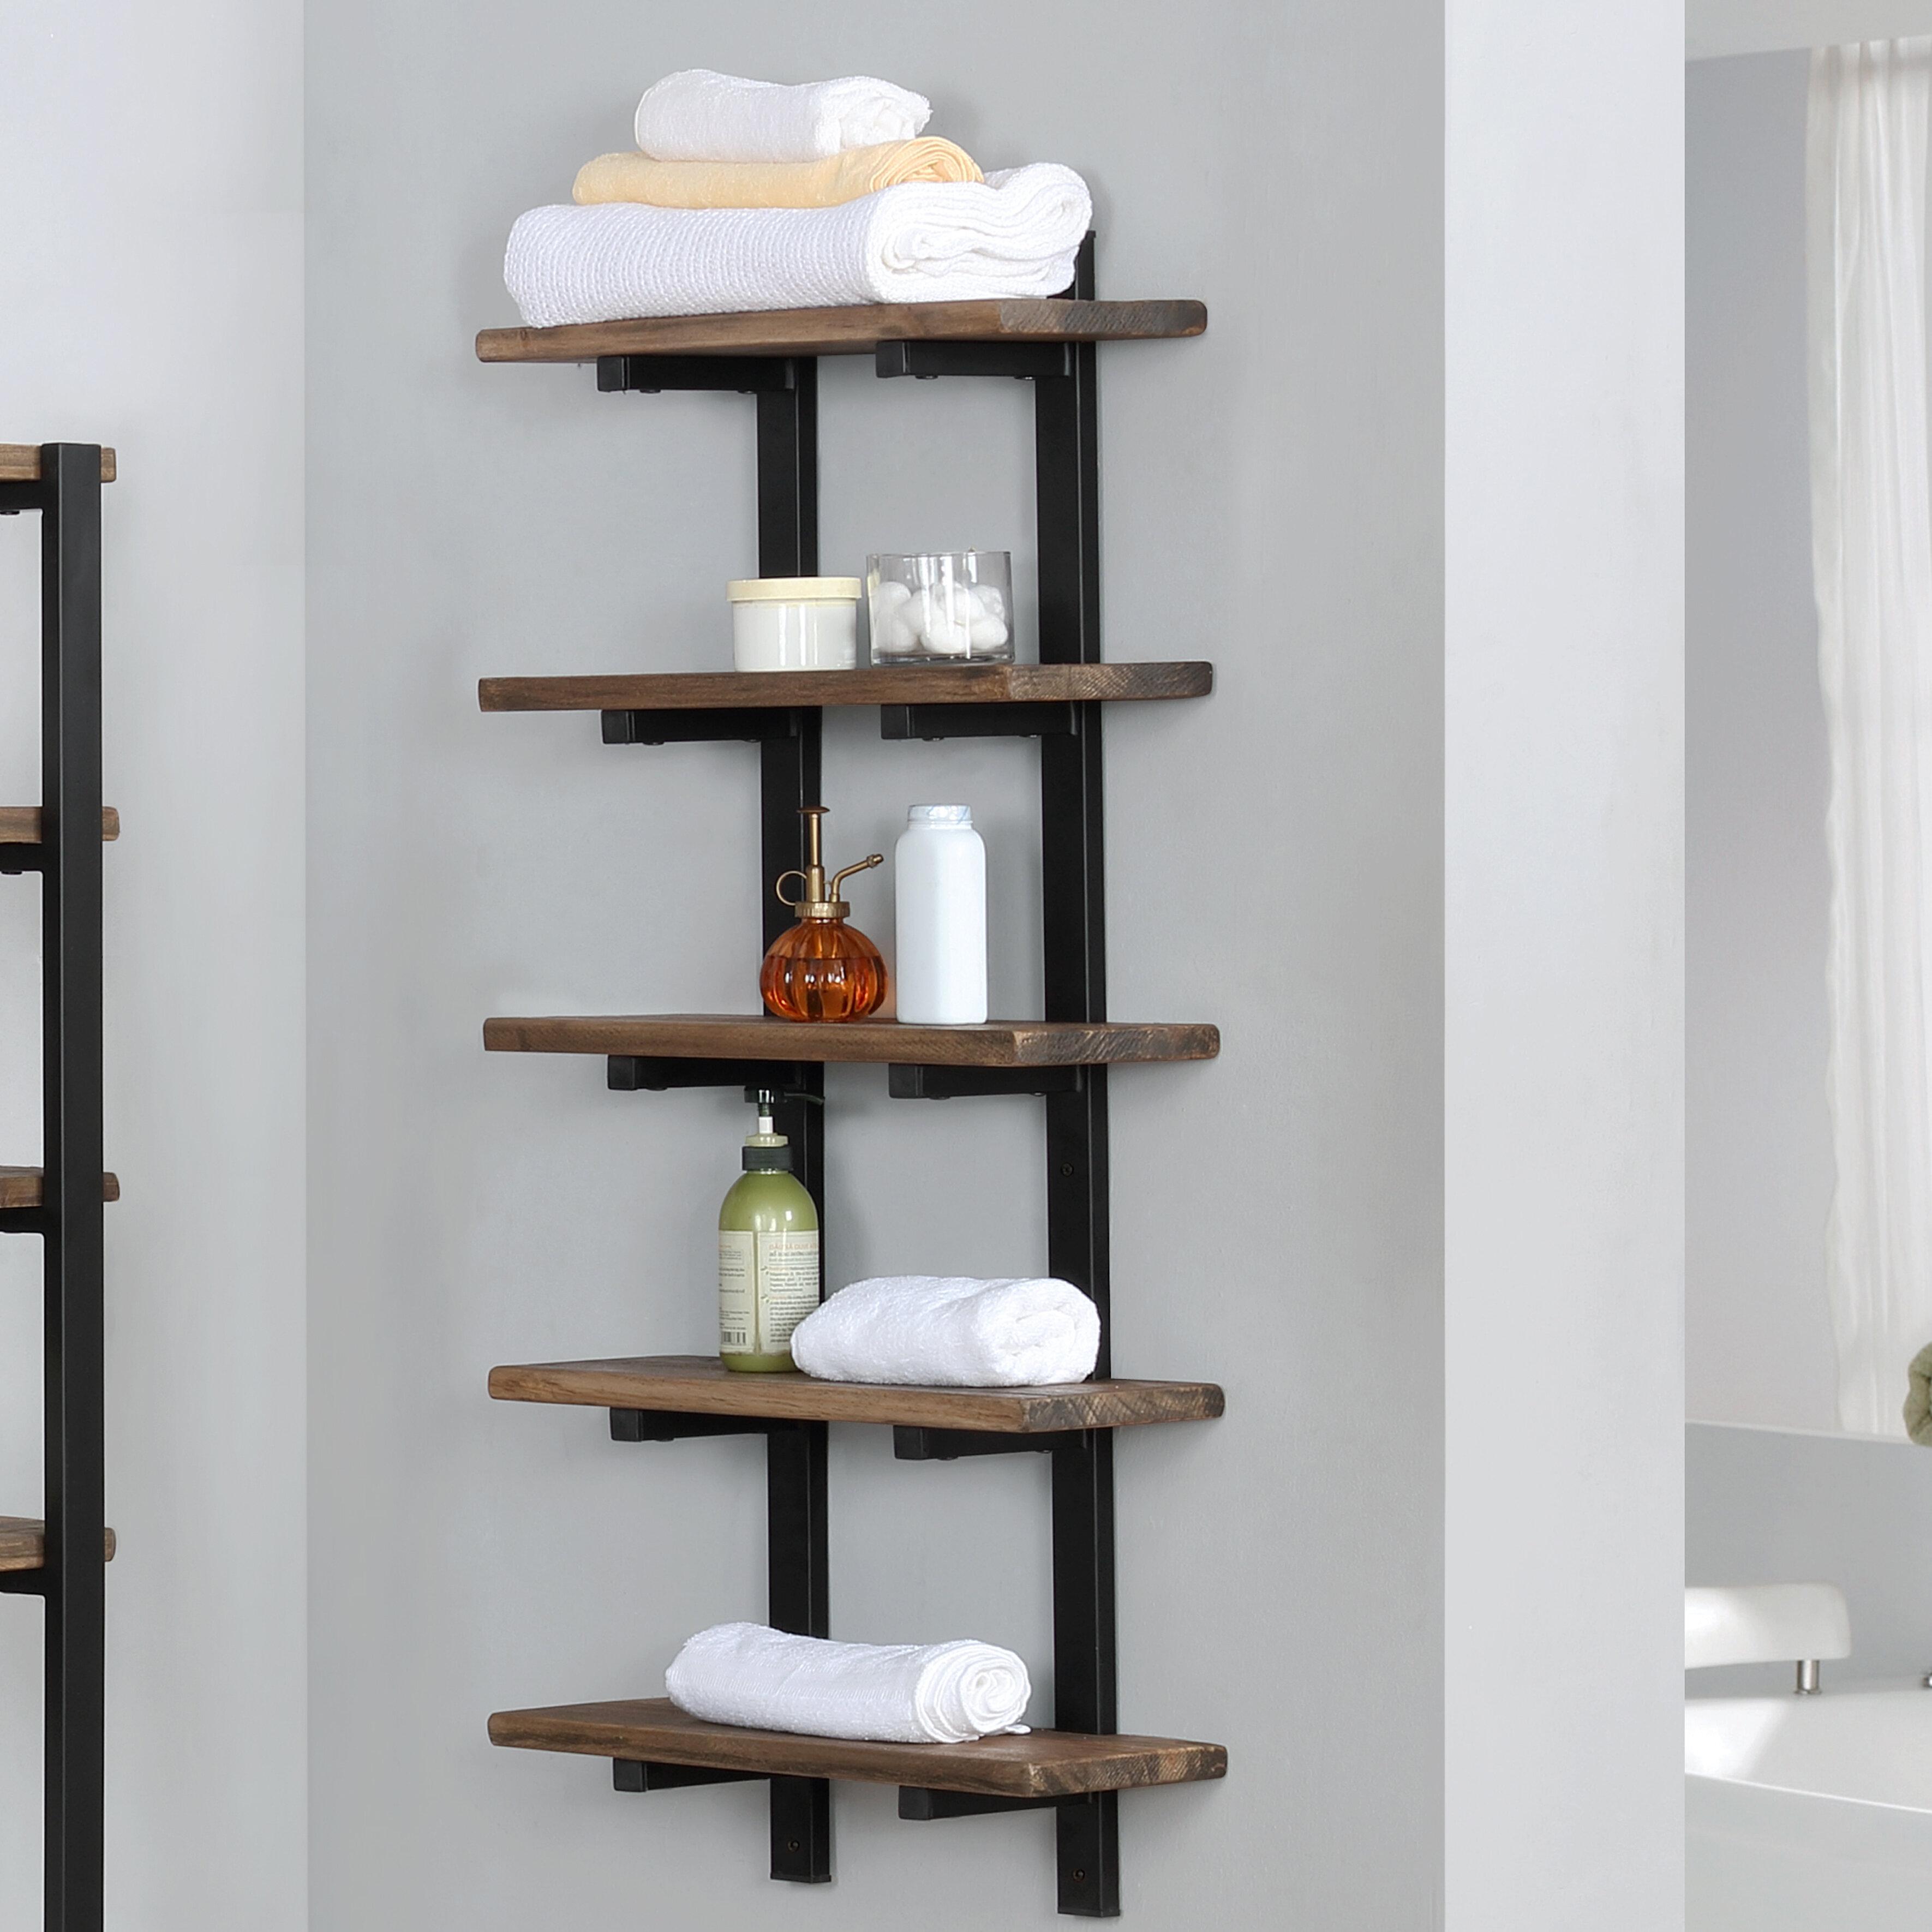 Trent Austin Design Steadman 20 W X 48 H X 8 D Wall Mounted Bathroom Shelves Reviews Wayfair